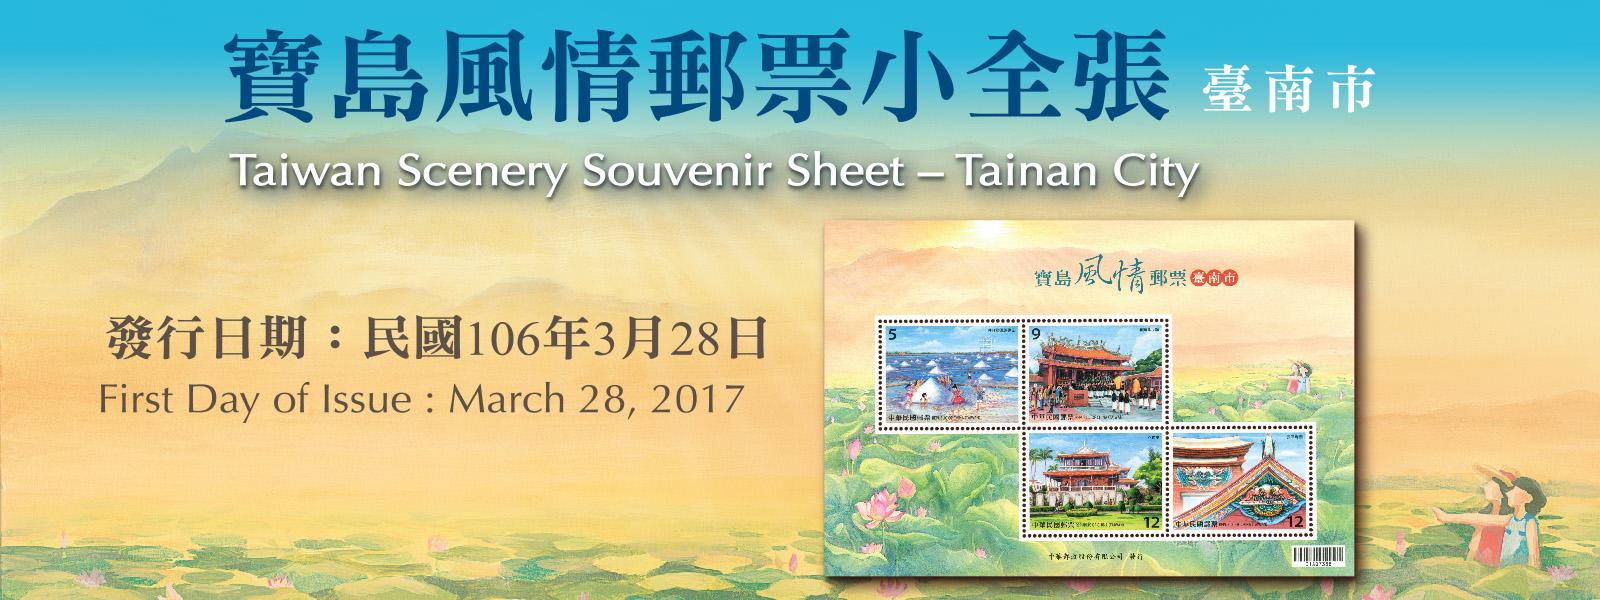 廣告連結:特651 寶島風情郵票小全張-臺南市